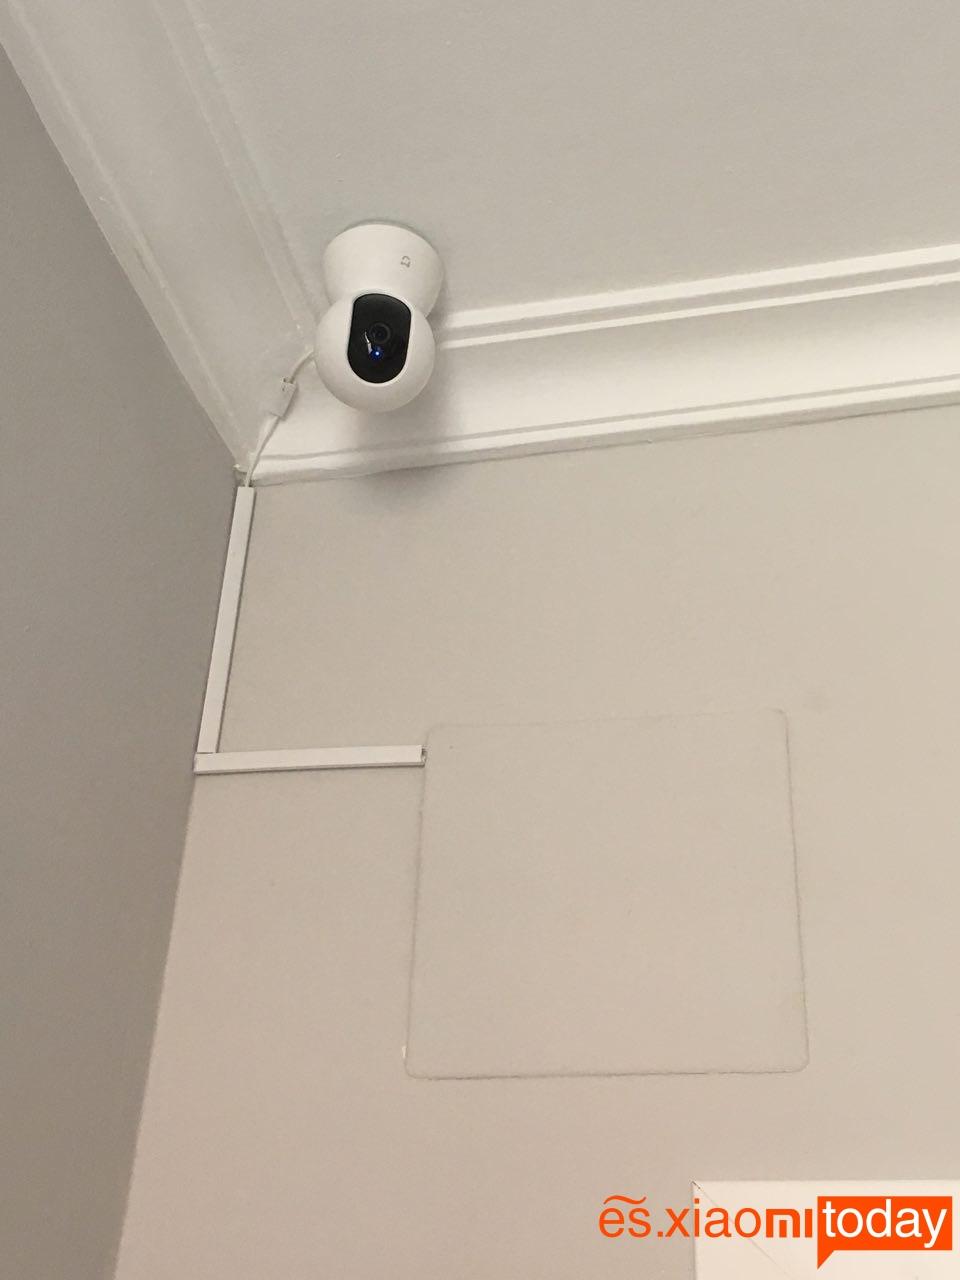 Cámara de vigilancia Xiaomi Mijia Pan Tilt 720P - Métodos de instalación